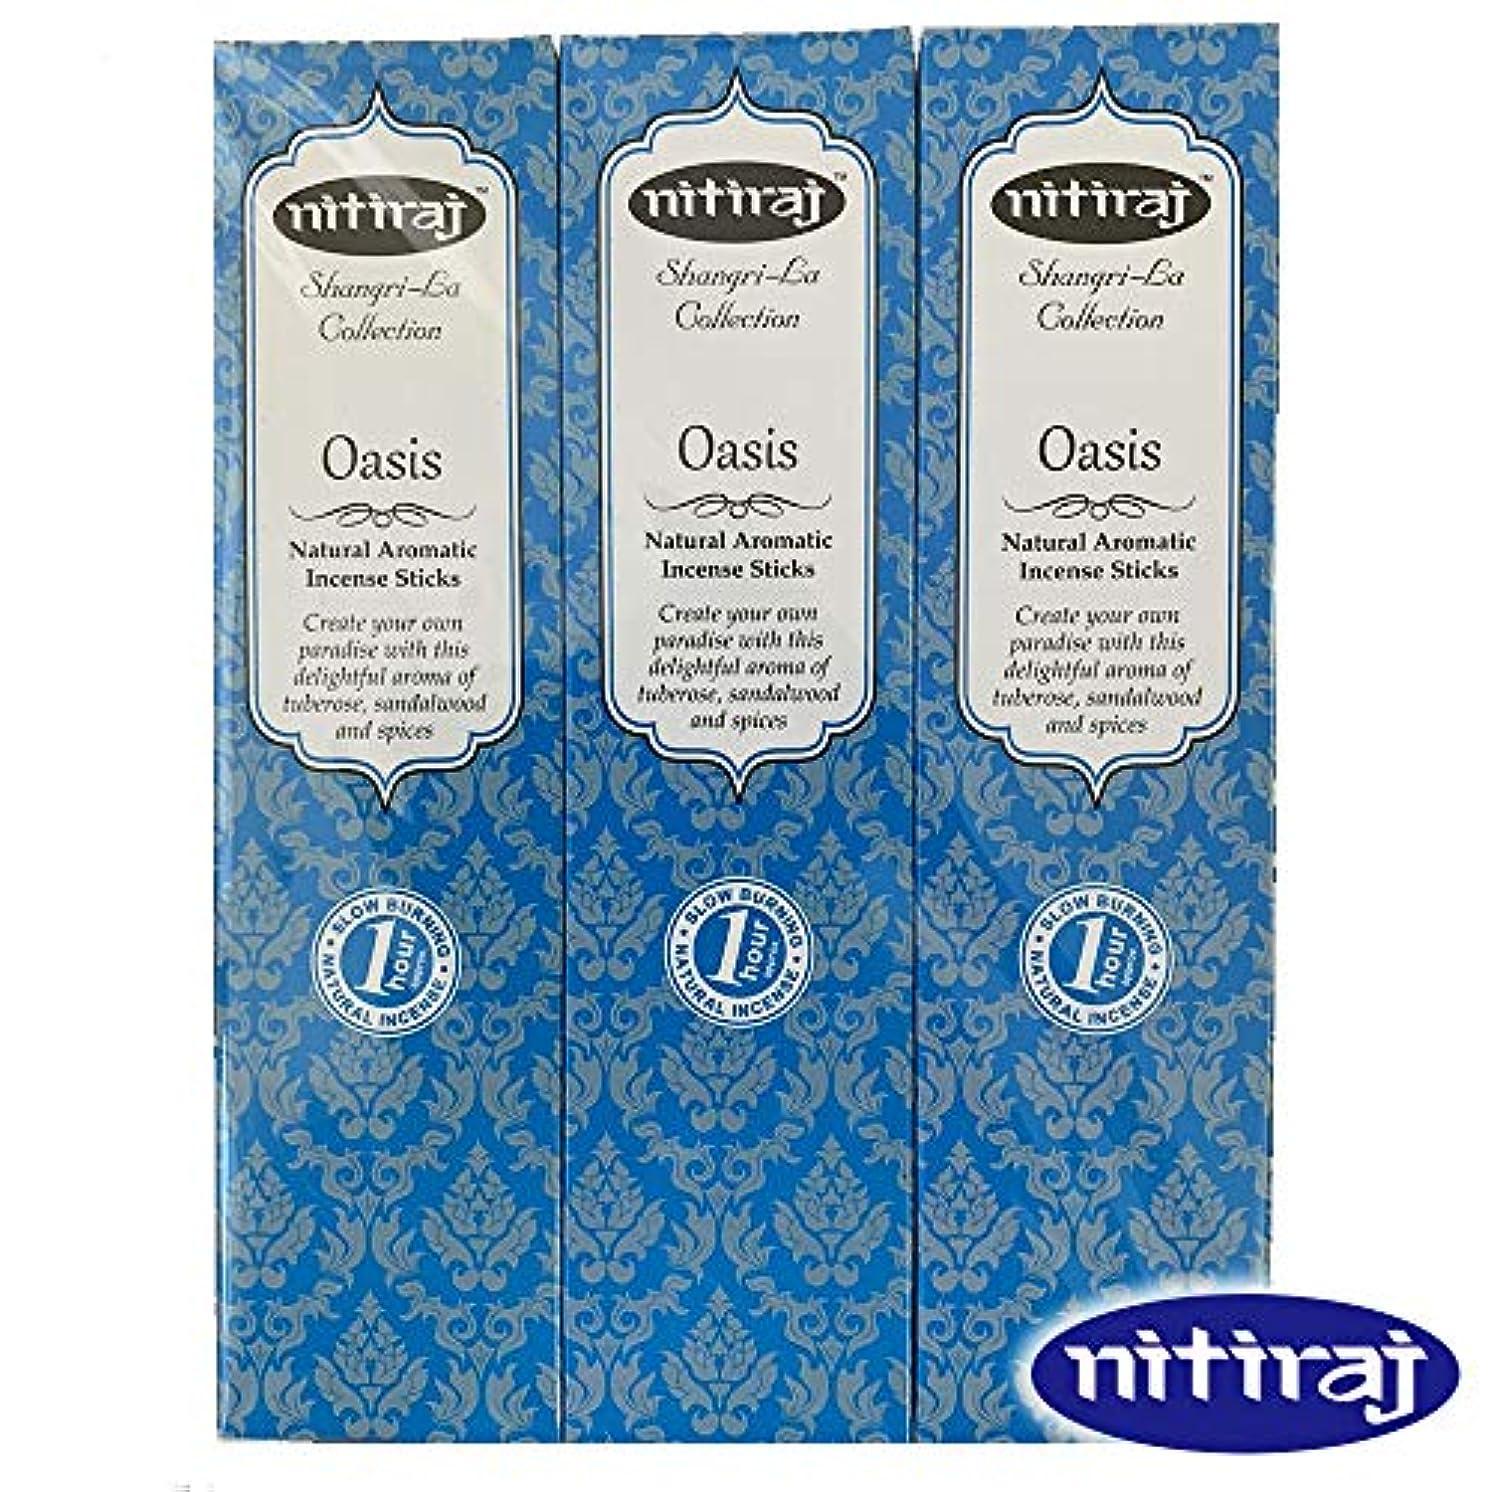 顔料チャンス不誠実お香 アロマインセンス Nitiraj(ニティラジ)Oasis(オアシス) 3箱セット(30本/1箱10本入り)100%天然素材